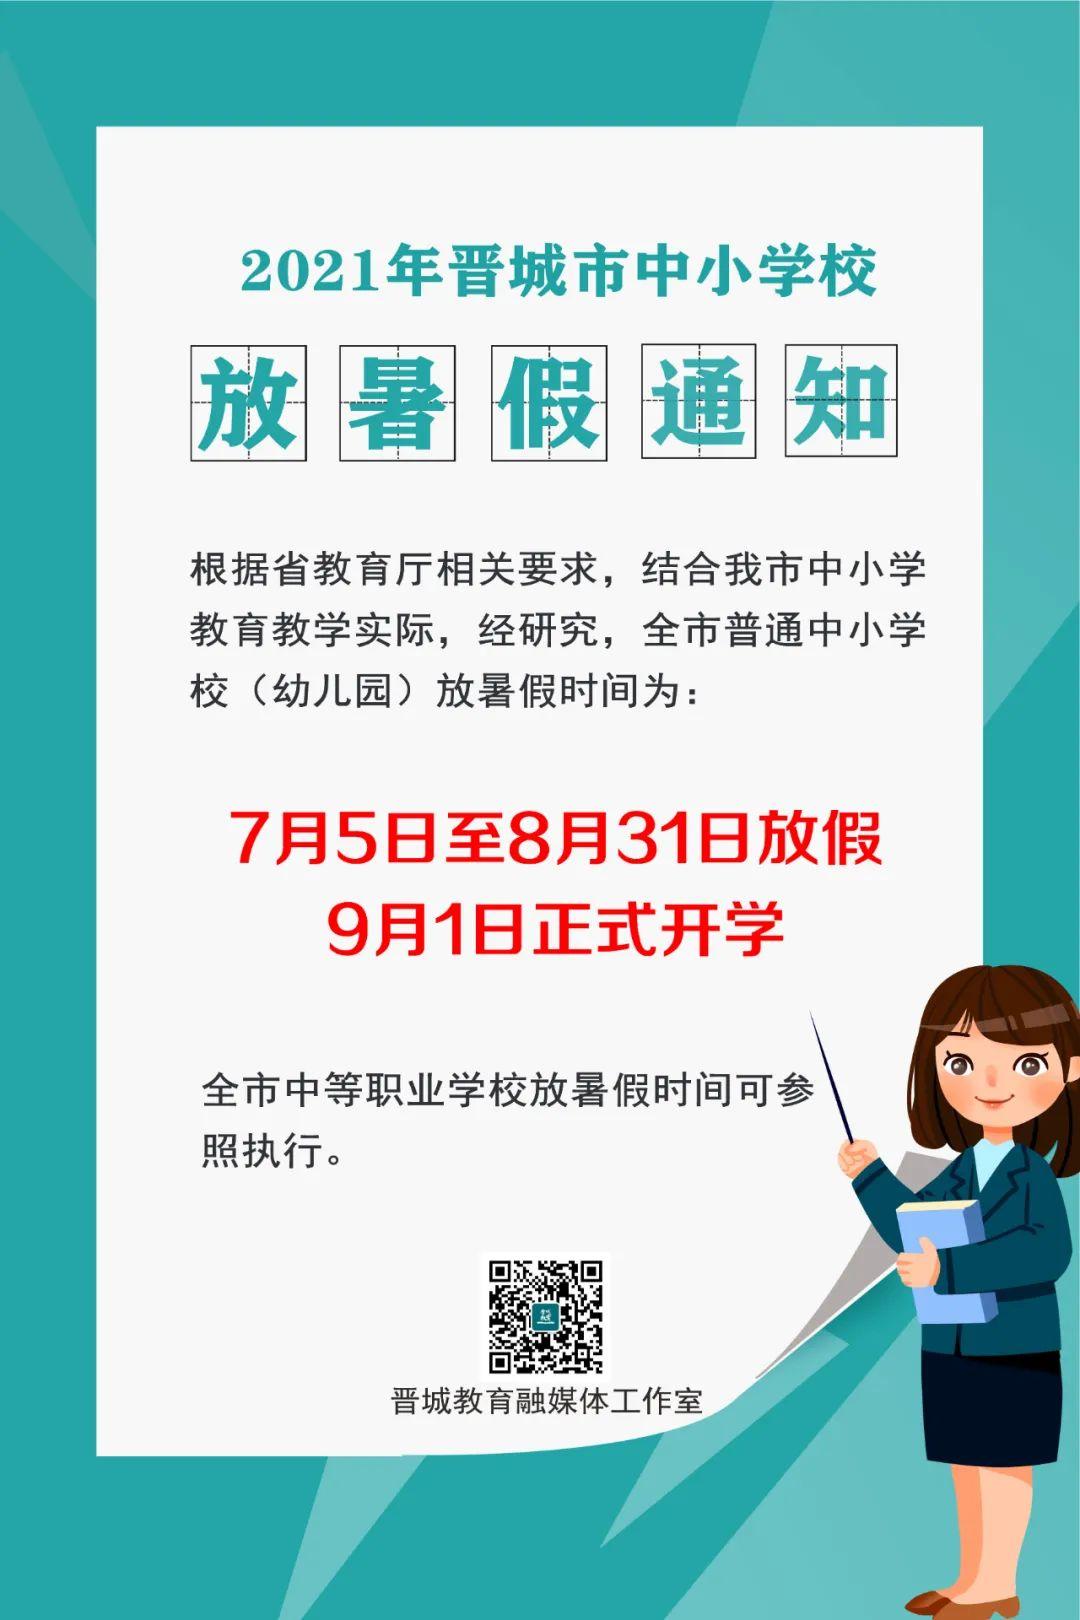 2021晋城市中<a href=http://www.sulaixue.com/xiaoxue/ target=_blank class=infotextkey>小学</a>暑假放假时间安排